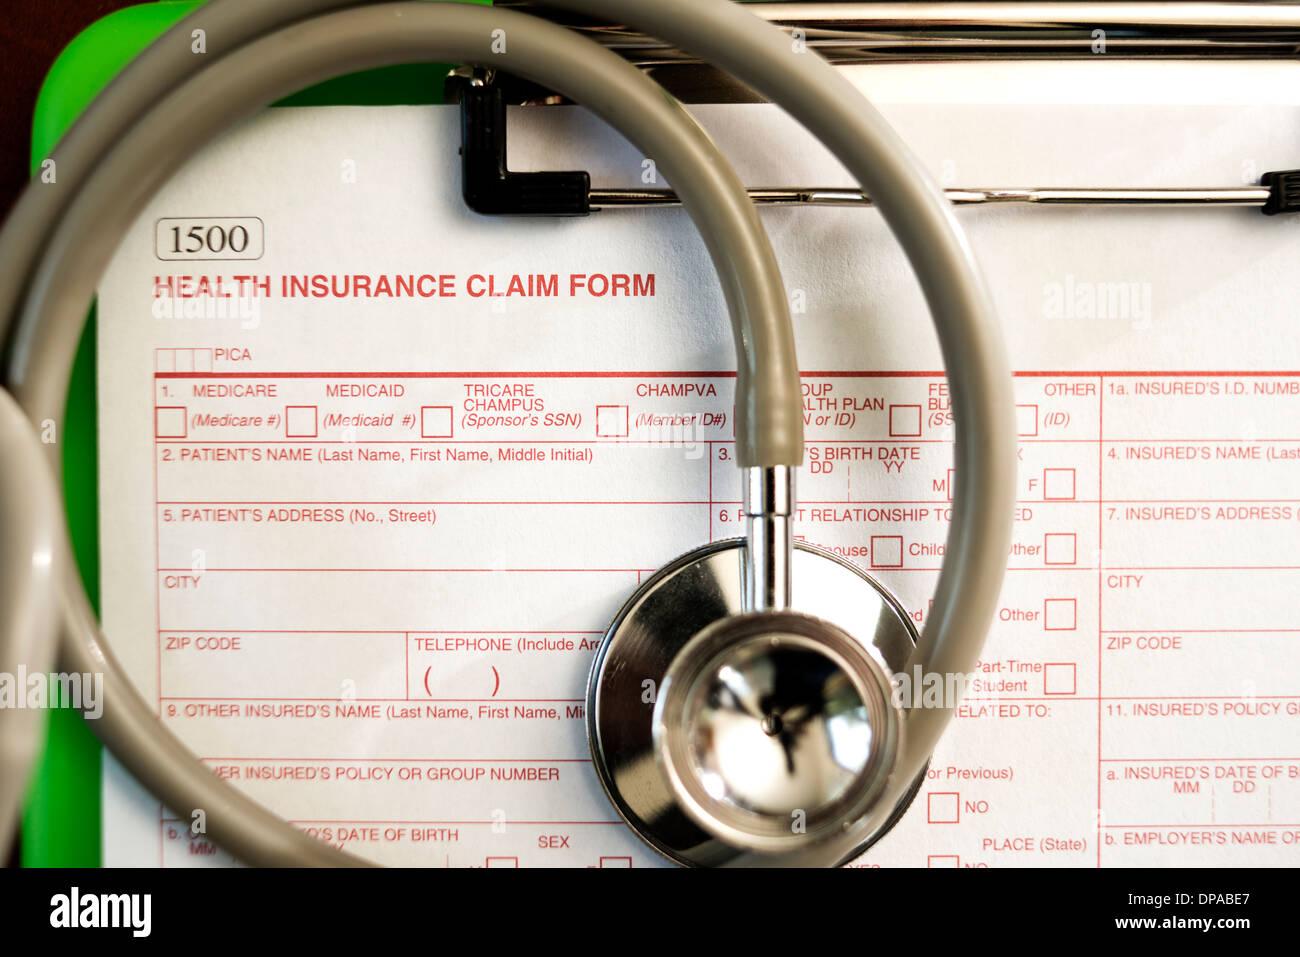 Formulaire de demande d'assurance-santé -- Profondeur de champ Photo Stock